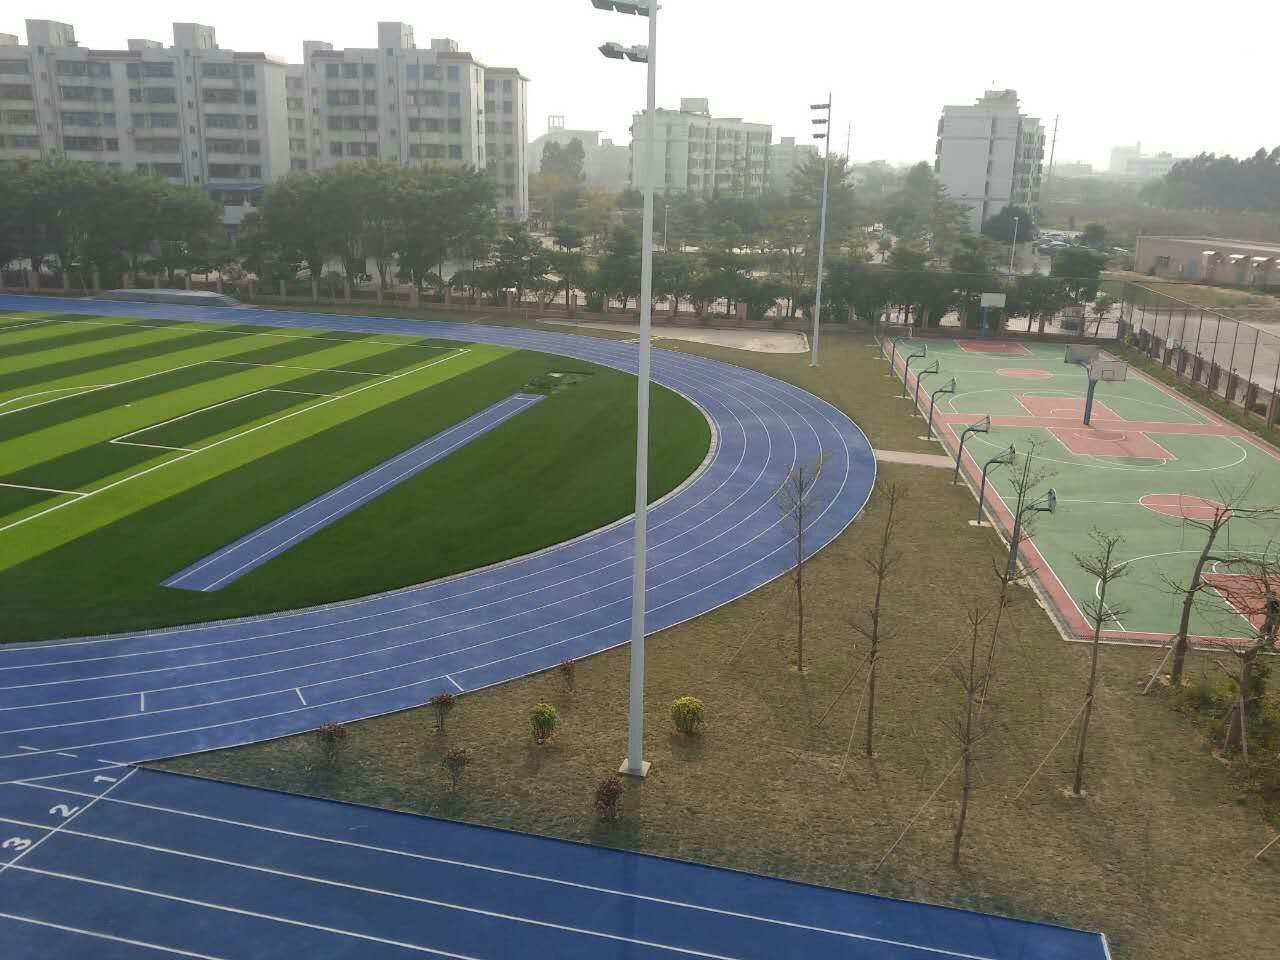 珠海市金洲小学运动场!珠海第一条蓝色塑胶跑道及11人